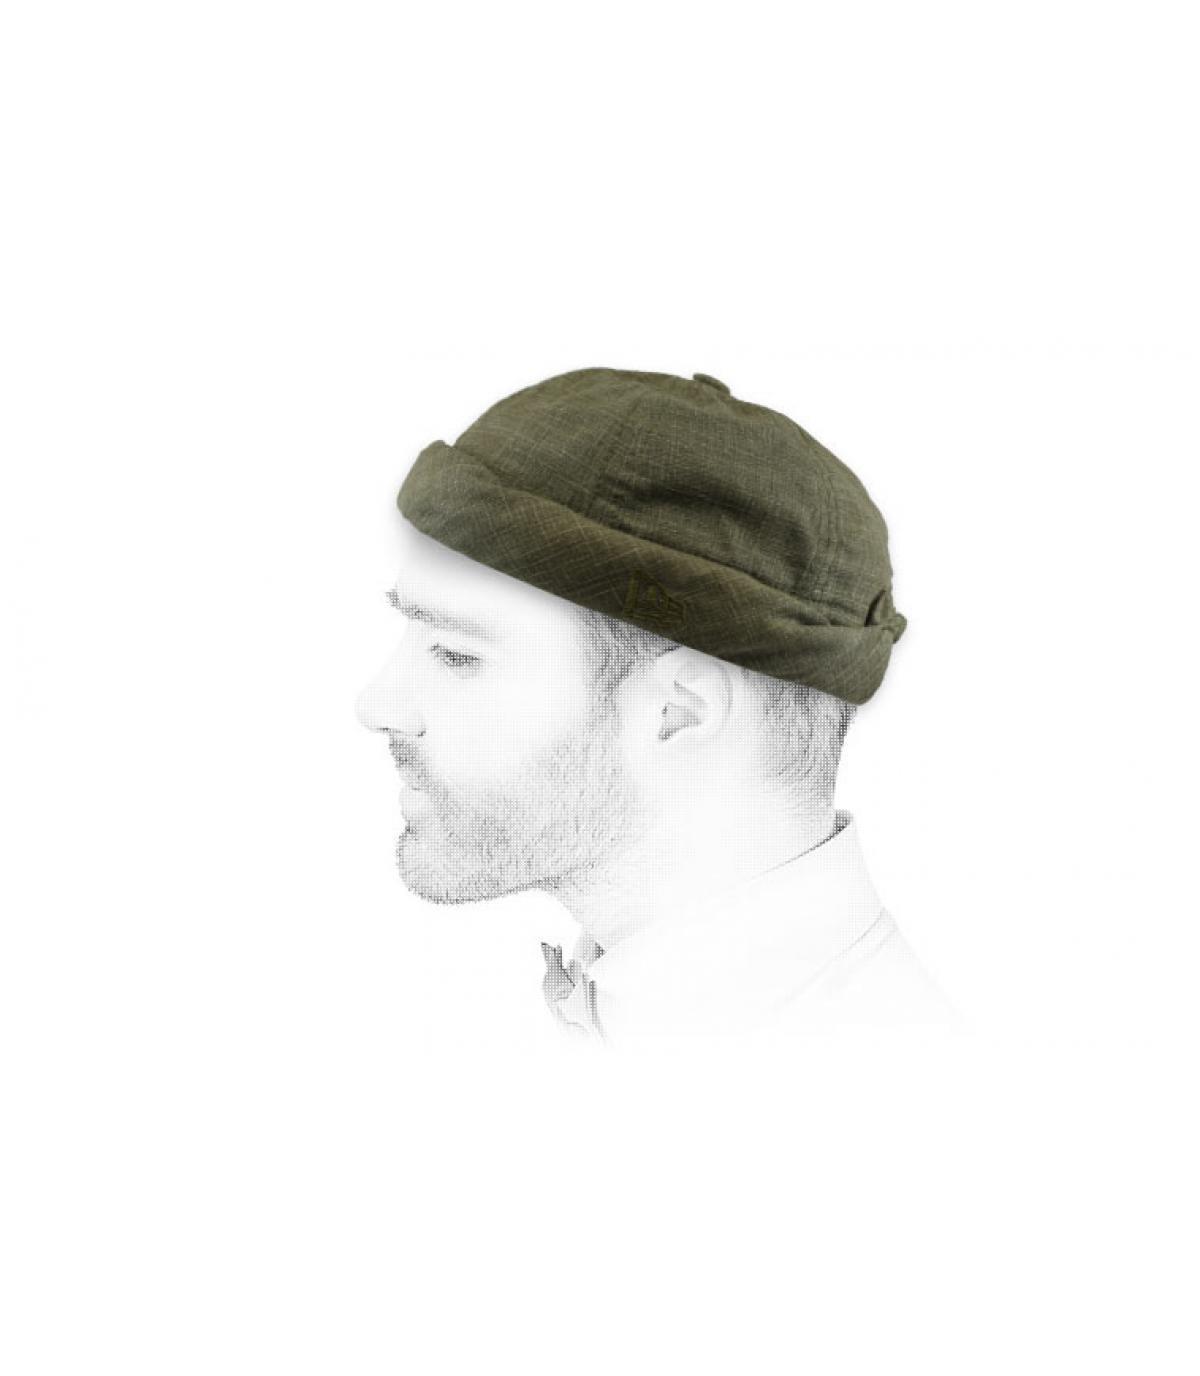 cappello docker verde oliva